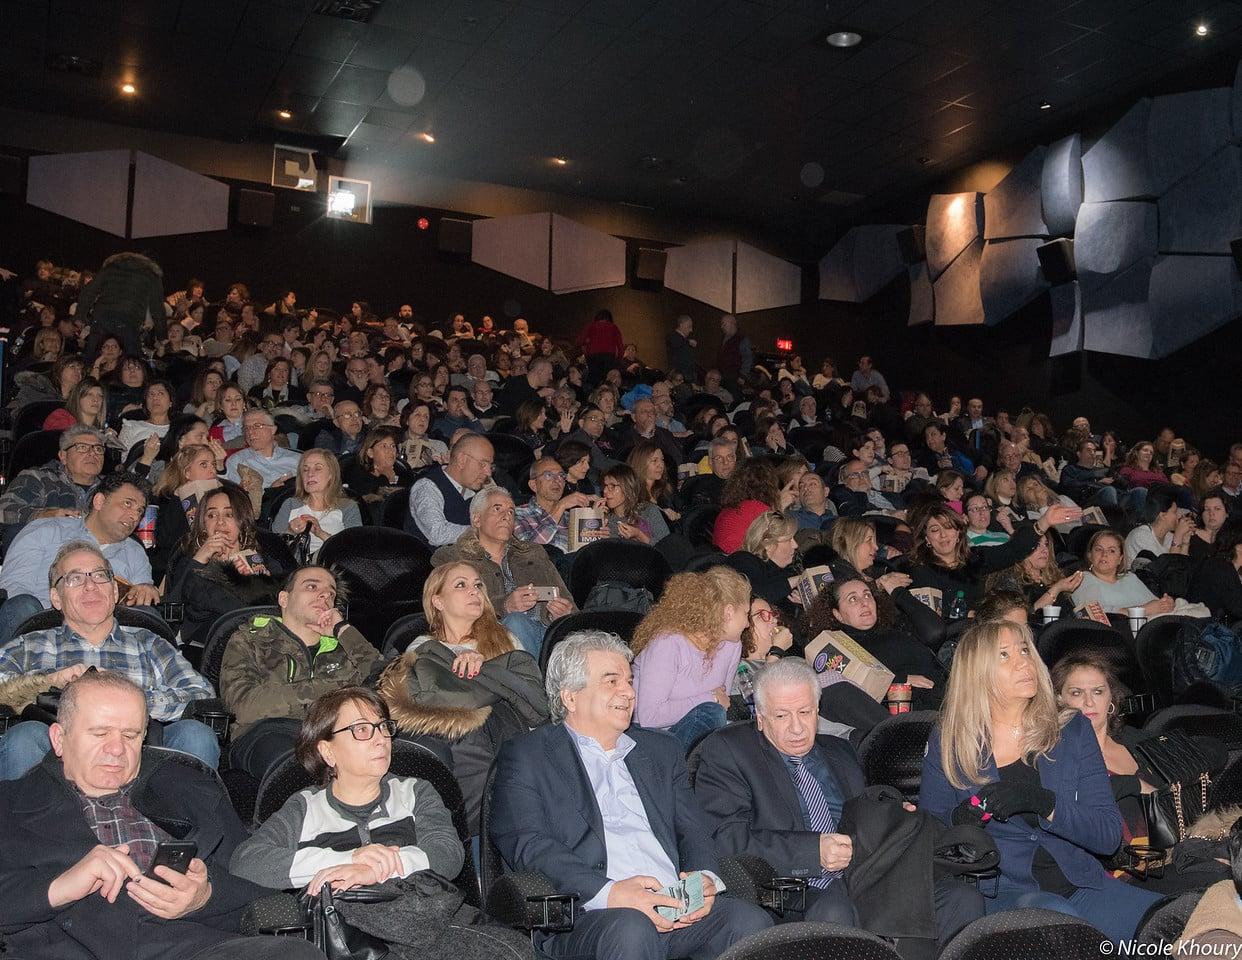 Avec les Rv du Cinema Libanais à Montréal, Fondation LCF cherche à promouvoir les films libanais dans la métropole, et avec la recette de ces films, contribuer à l'éducation des enfants à besoins spécifiques au Liban, pris en charge par Sesobel, Irap, Afel et Saint Vincent de Paul.